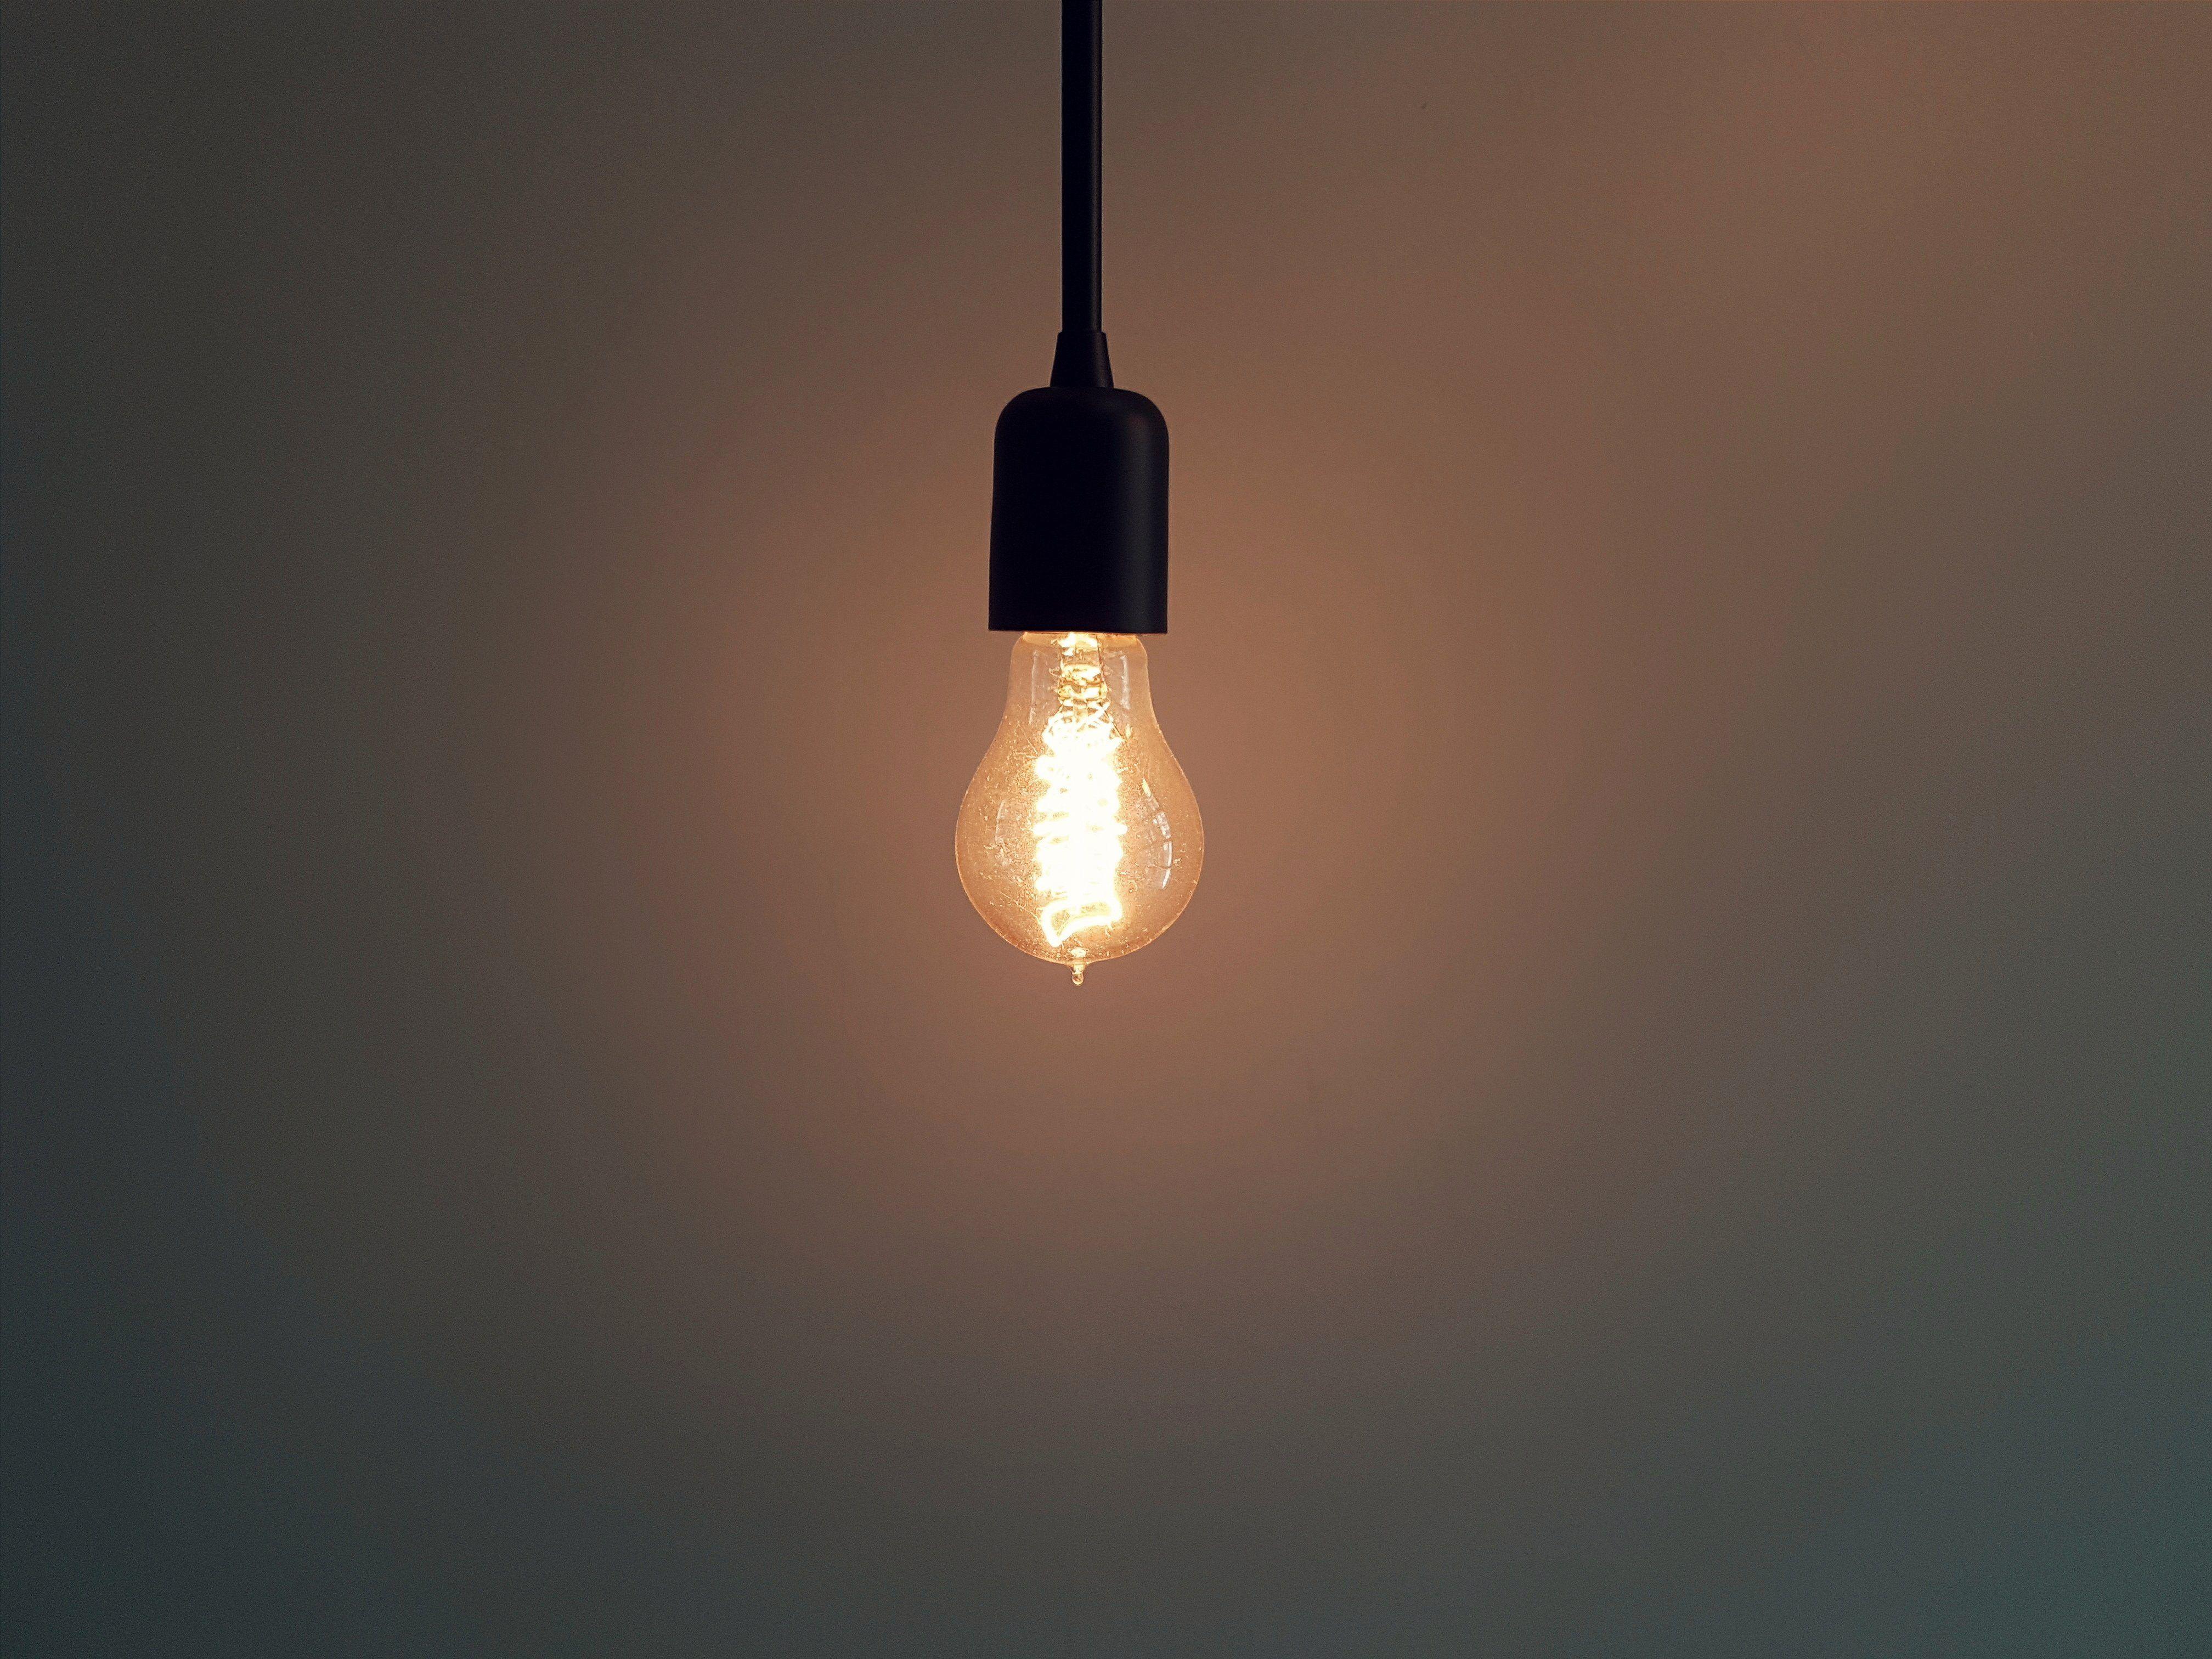 Leveringspliktig strøm Elektrisitet Nettleverandør Lyspære